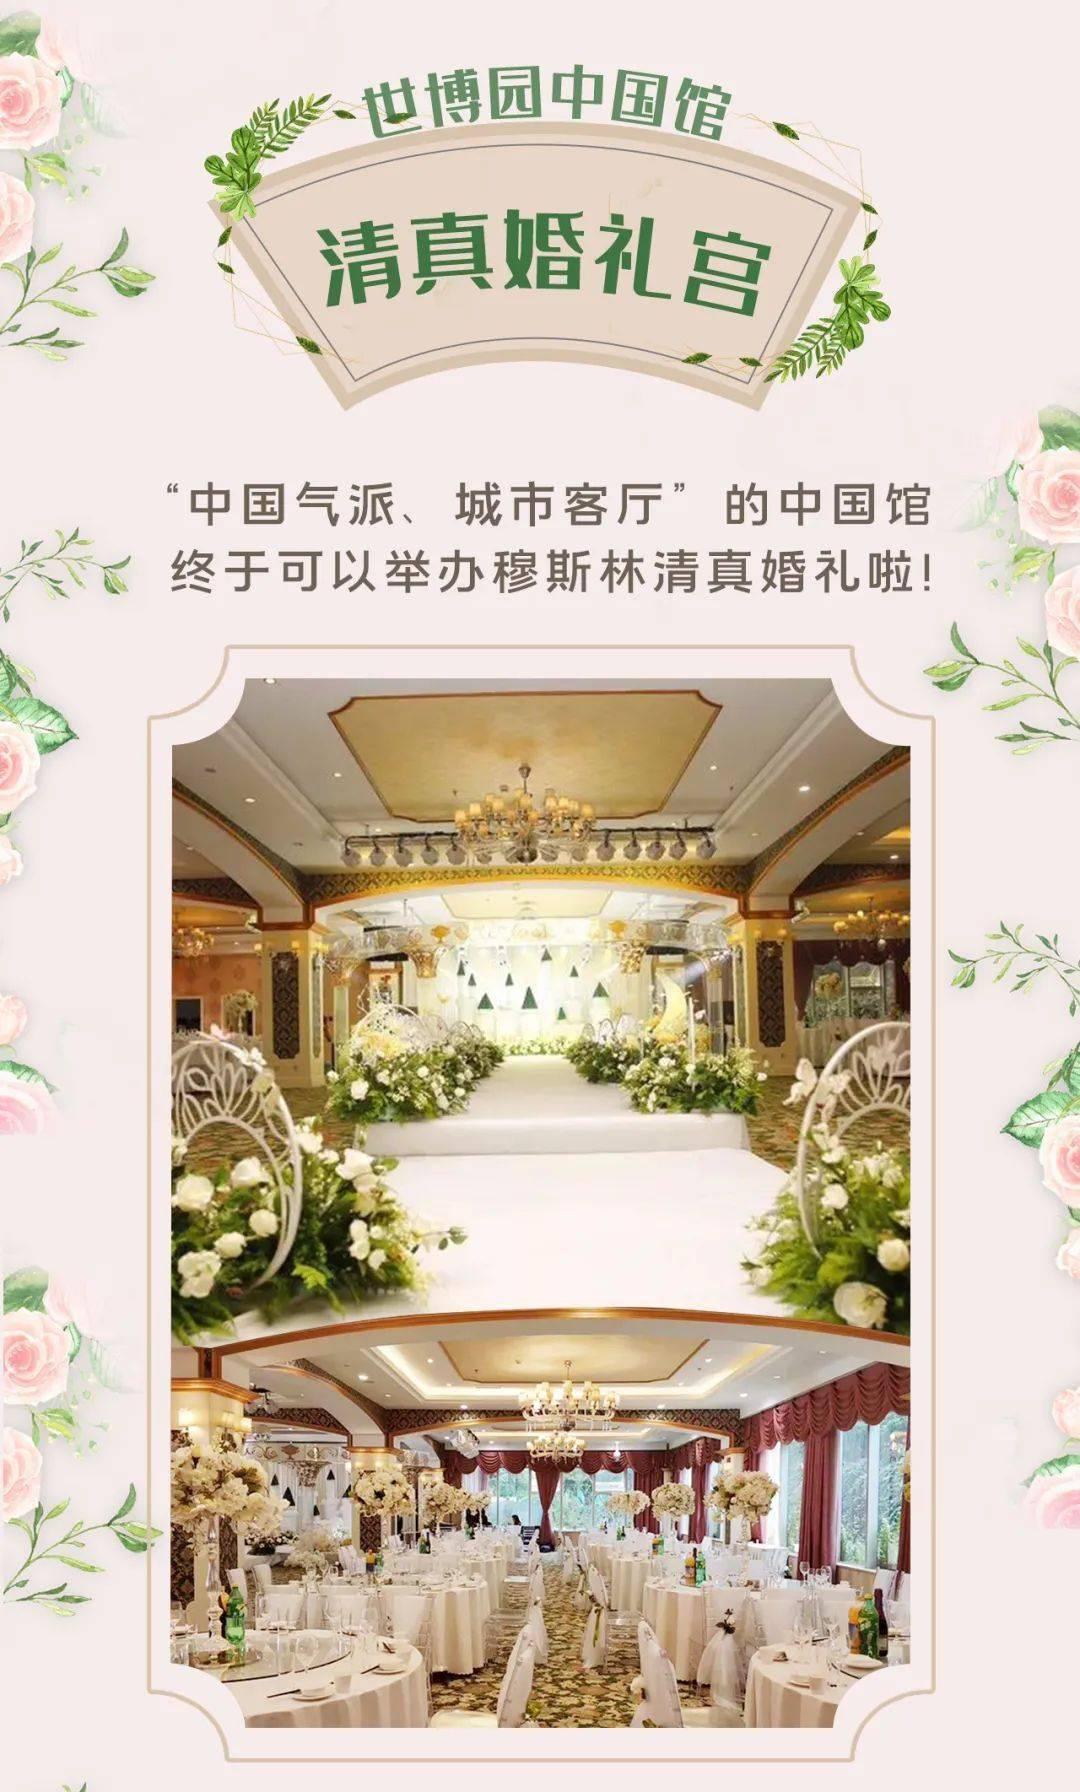 世博园中国馆可举办清真婚礼!豪华清真